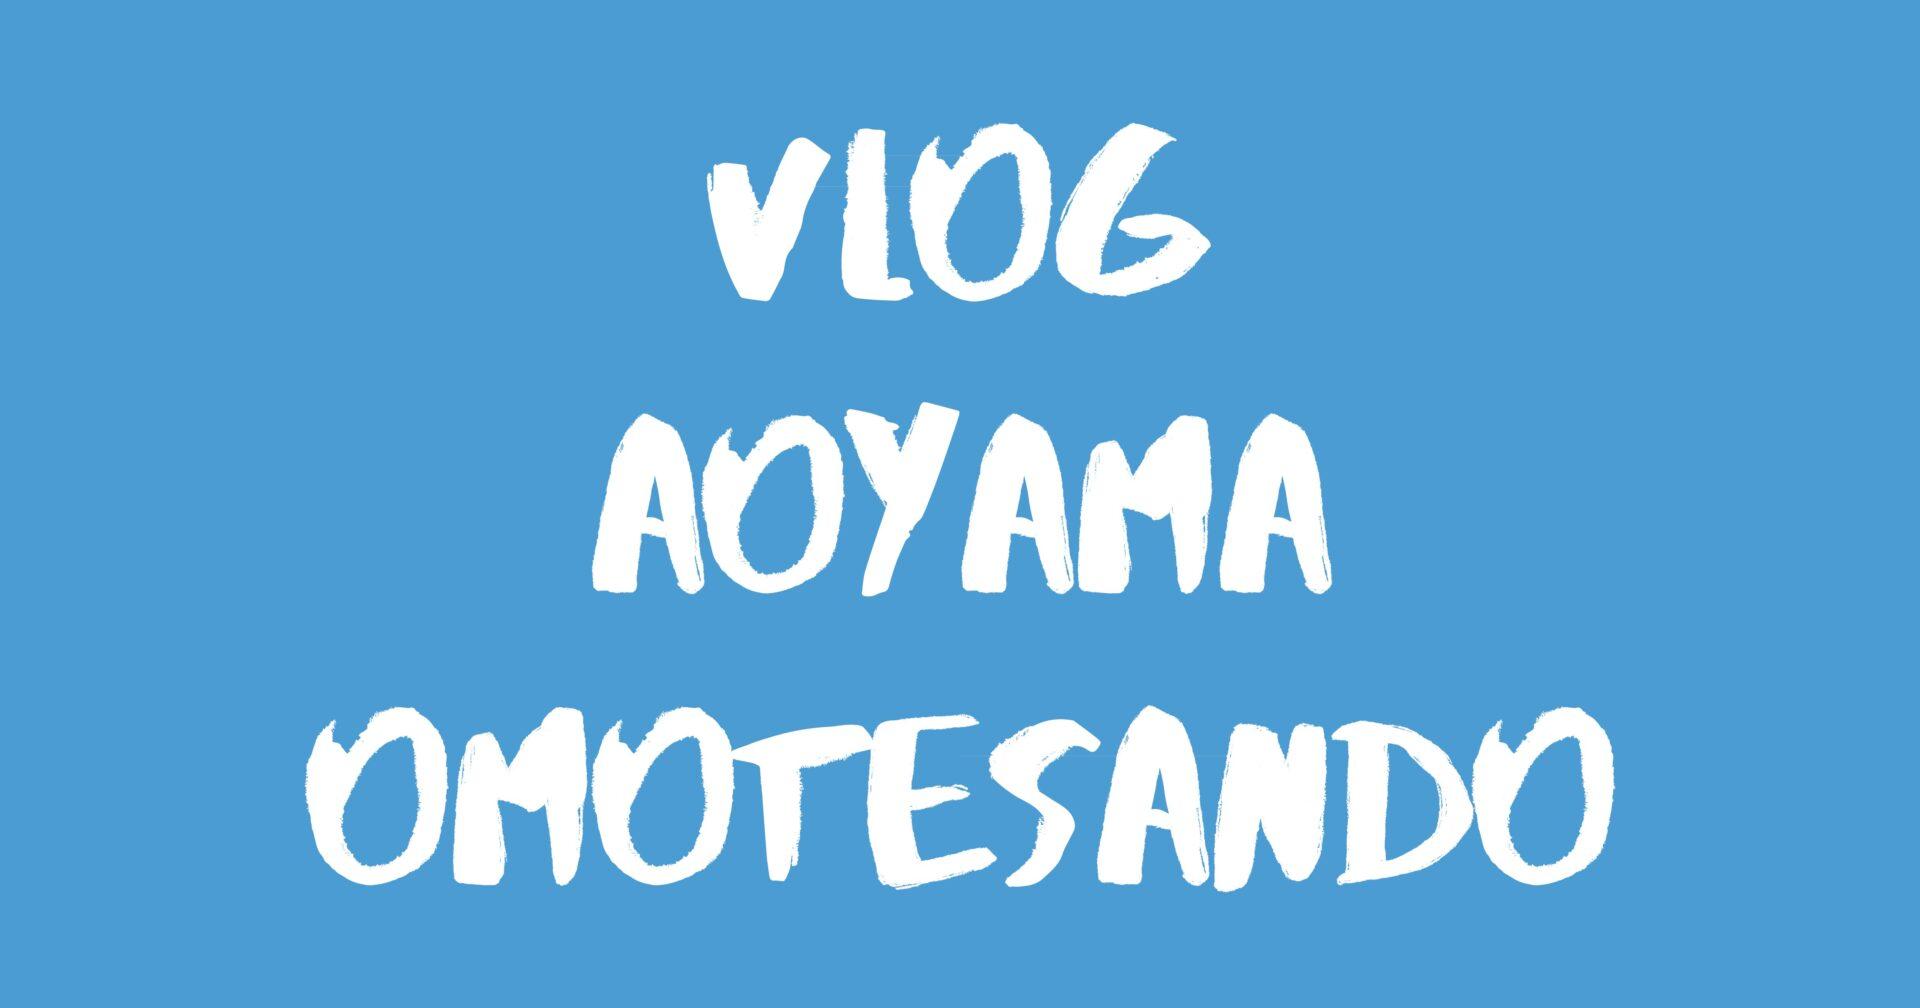 [Vlog] 青山&表参道 / Aoyama & Omotesando